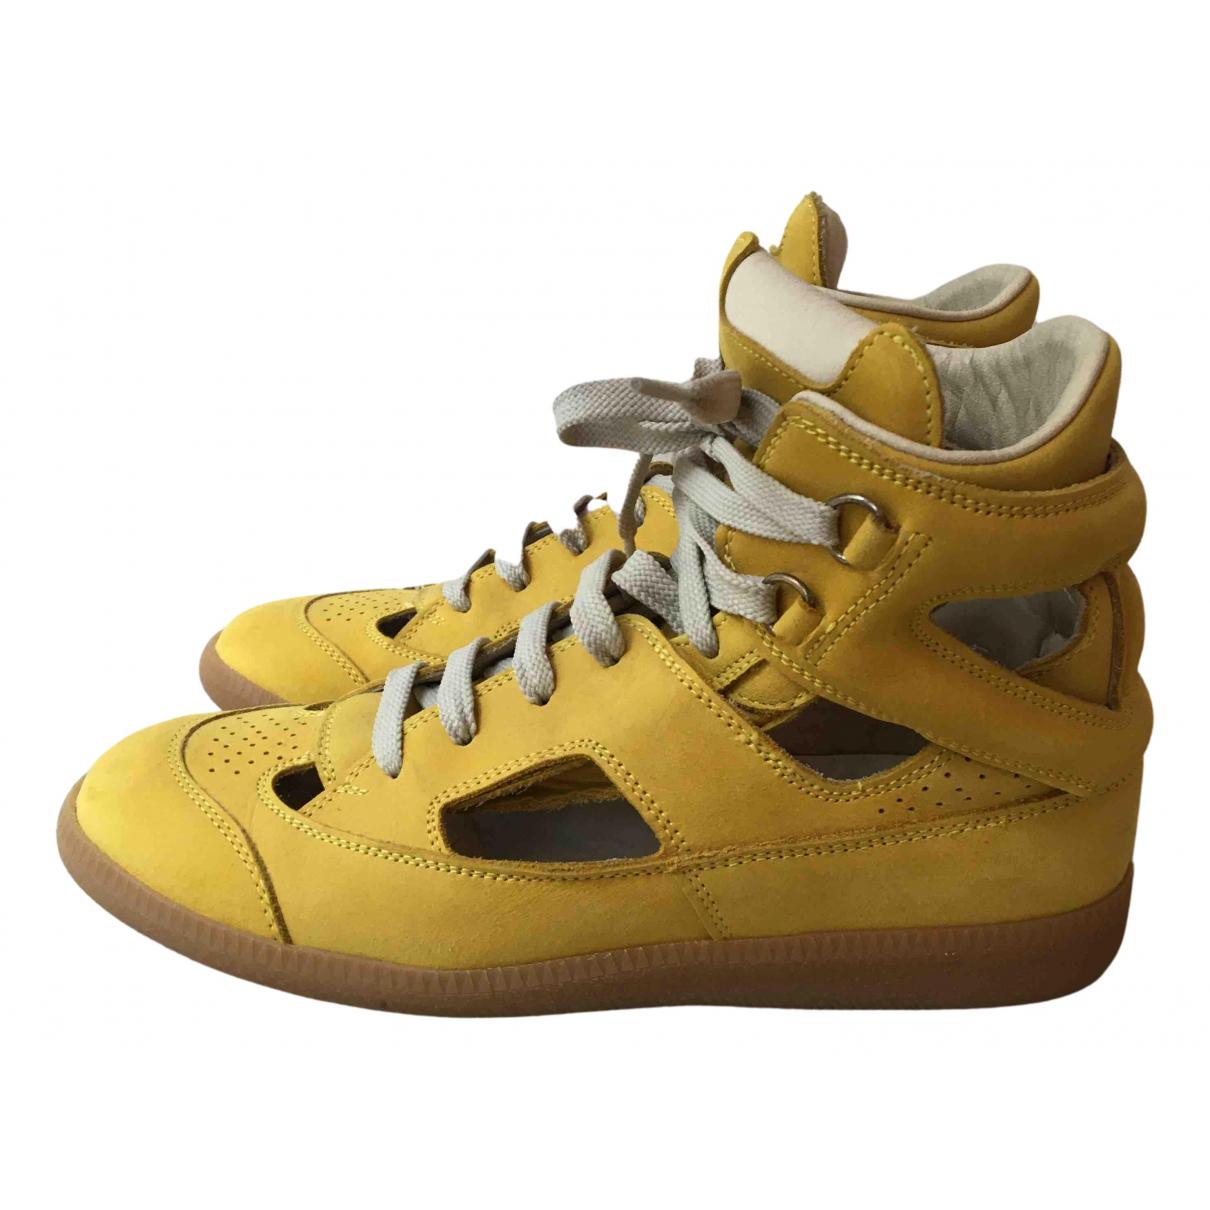 Maison Martin Margiela \N Sneakers in  Gelb Leder